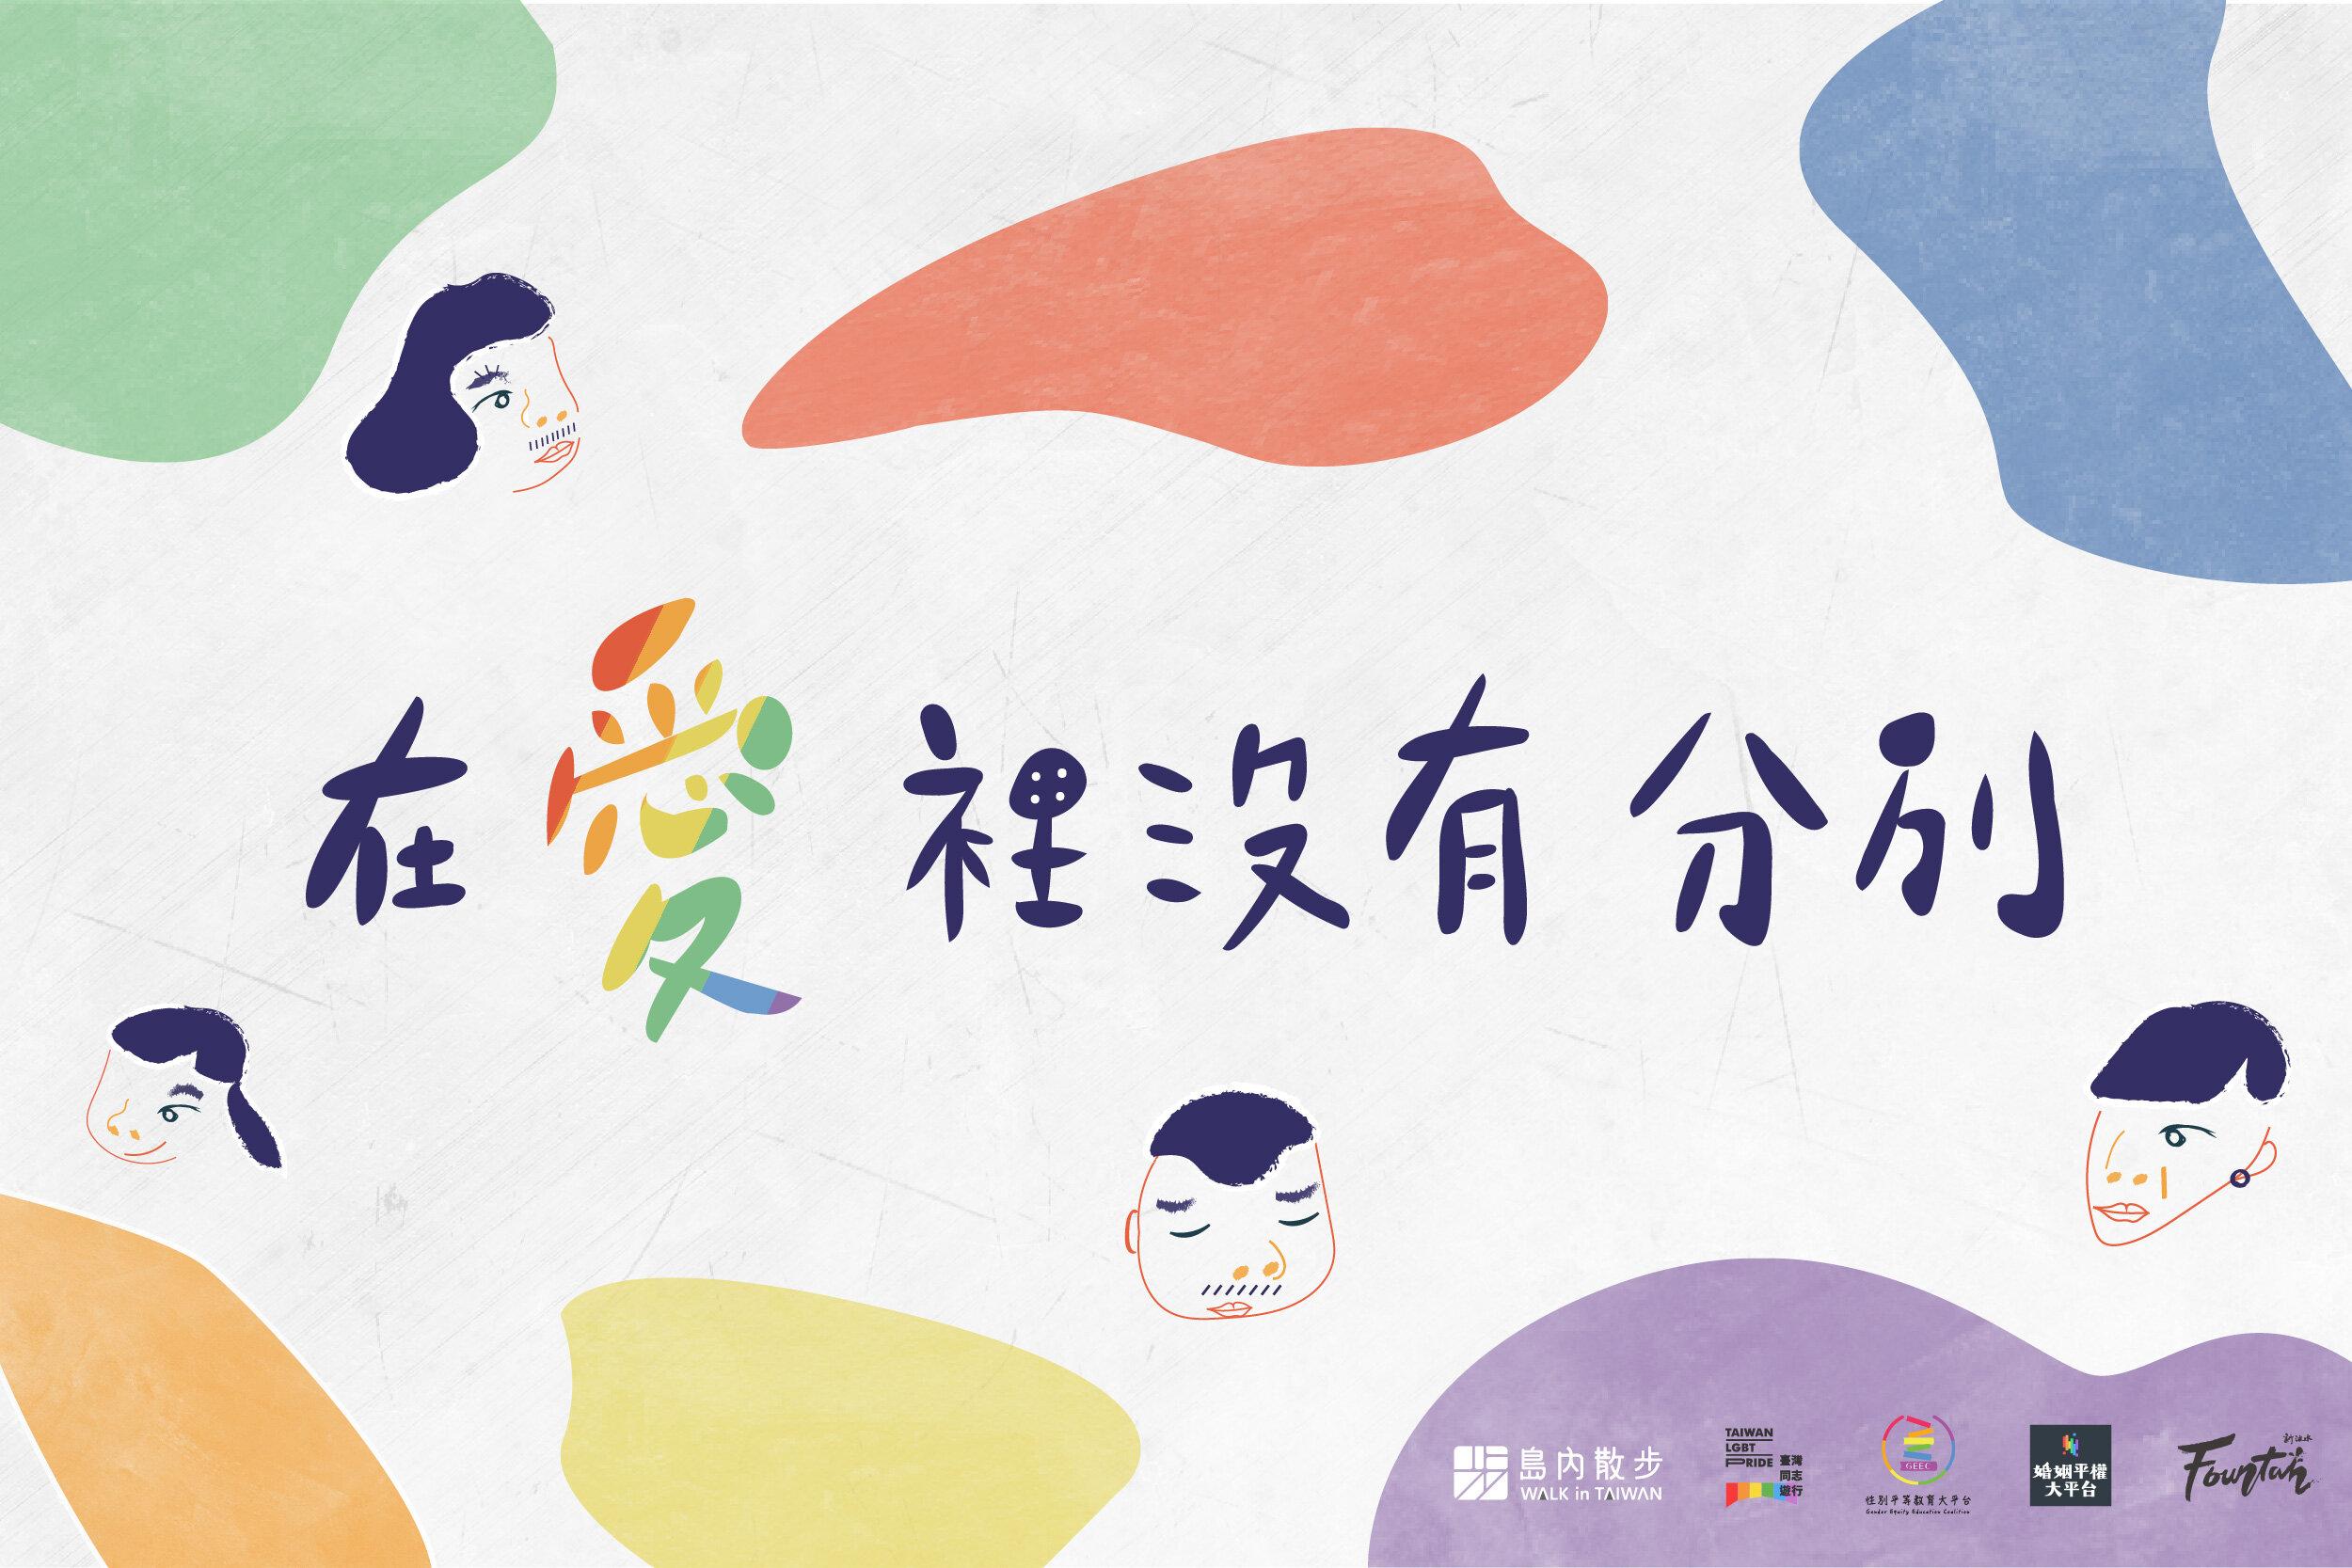 同志地景文化導覽 這一路,我們可以結婚了 - 2019.10.20(日)11:00-12:00台大醫院二號出口